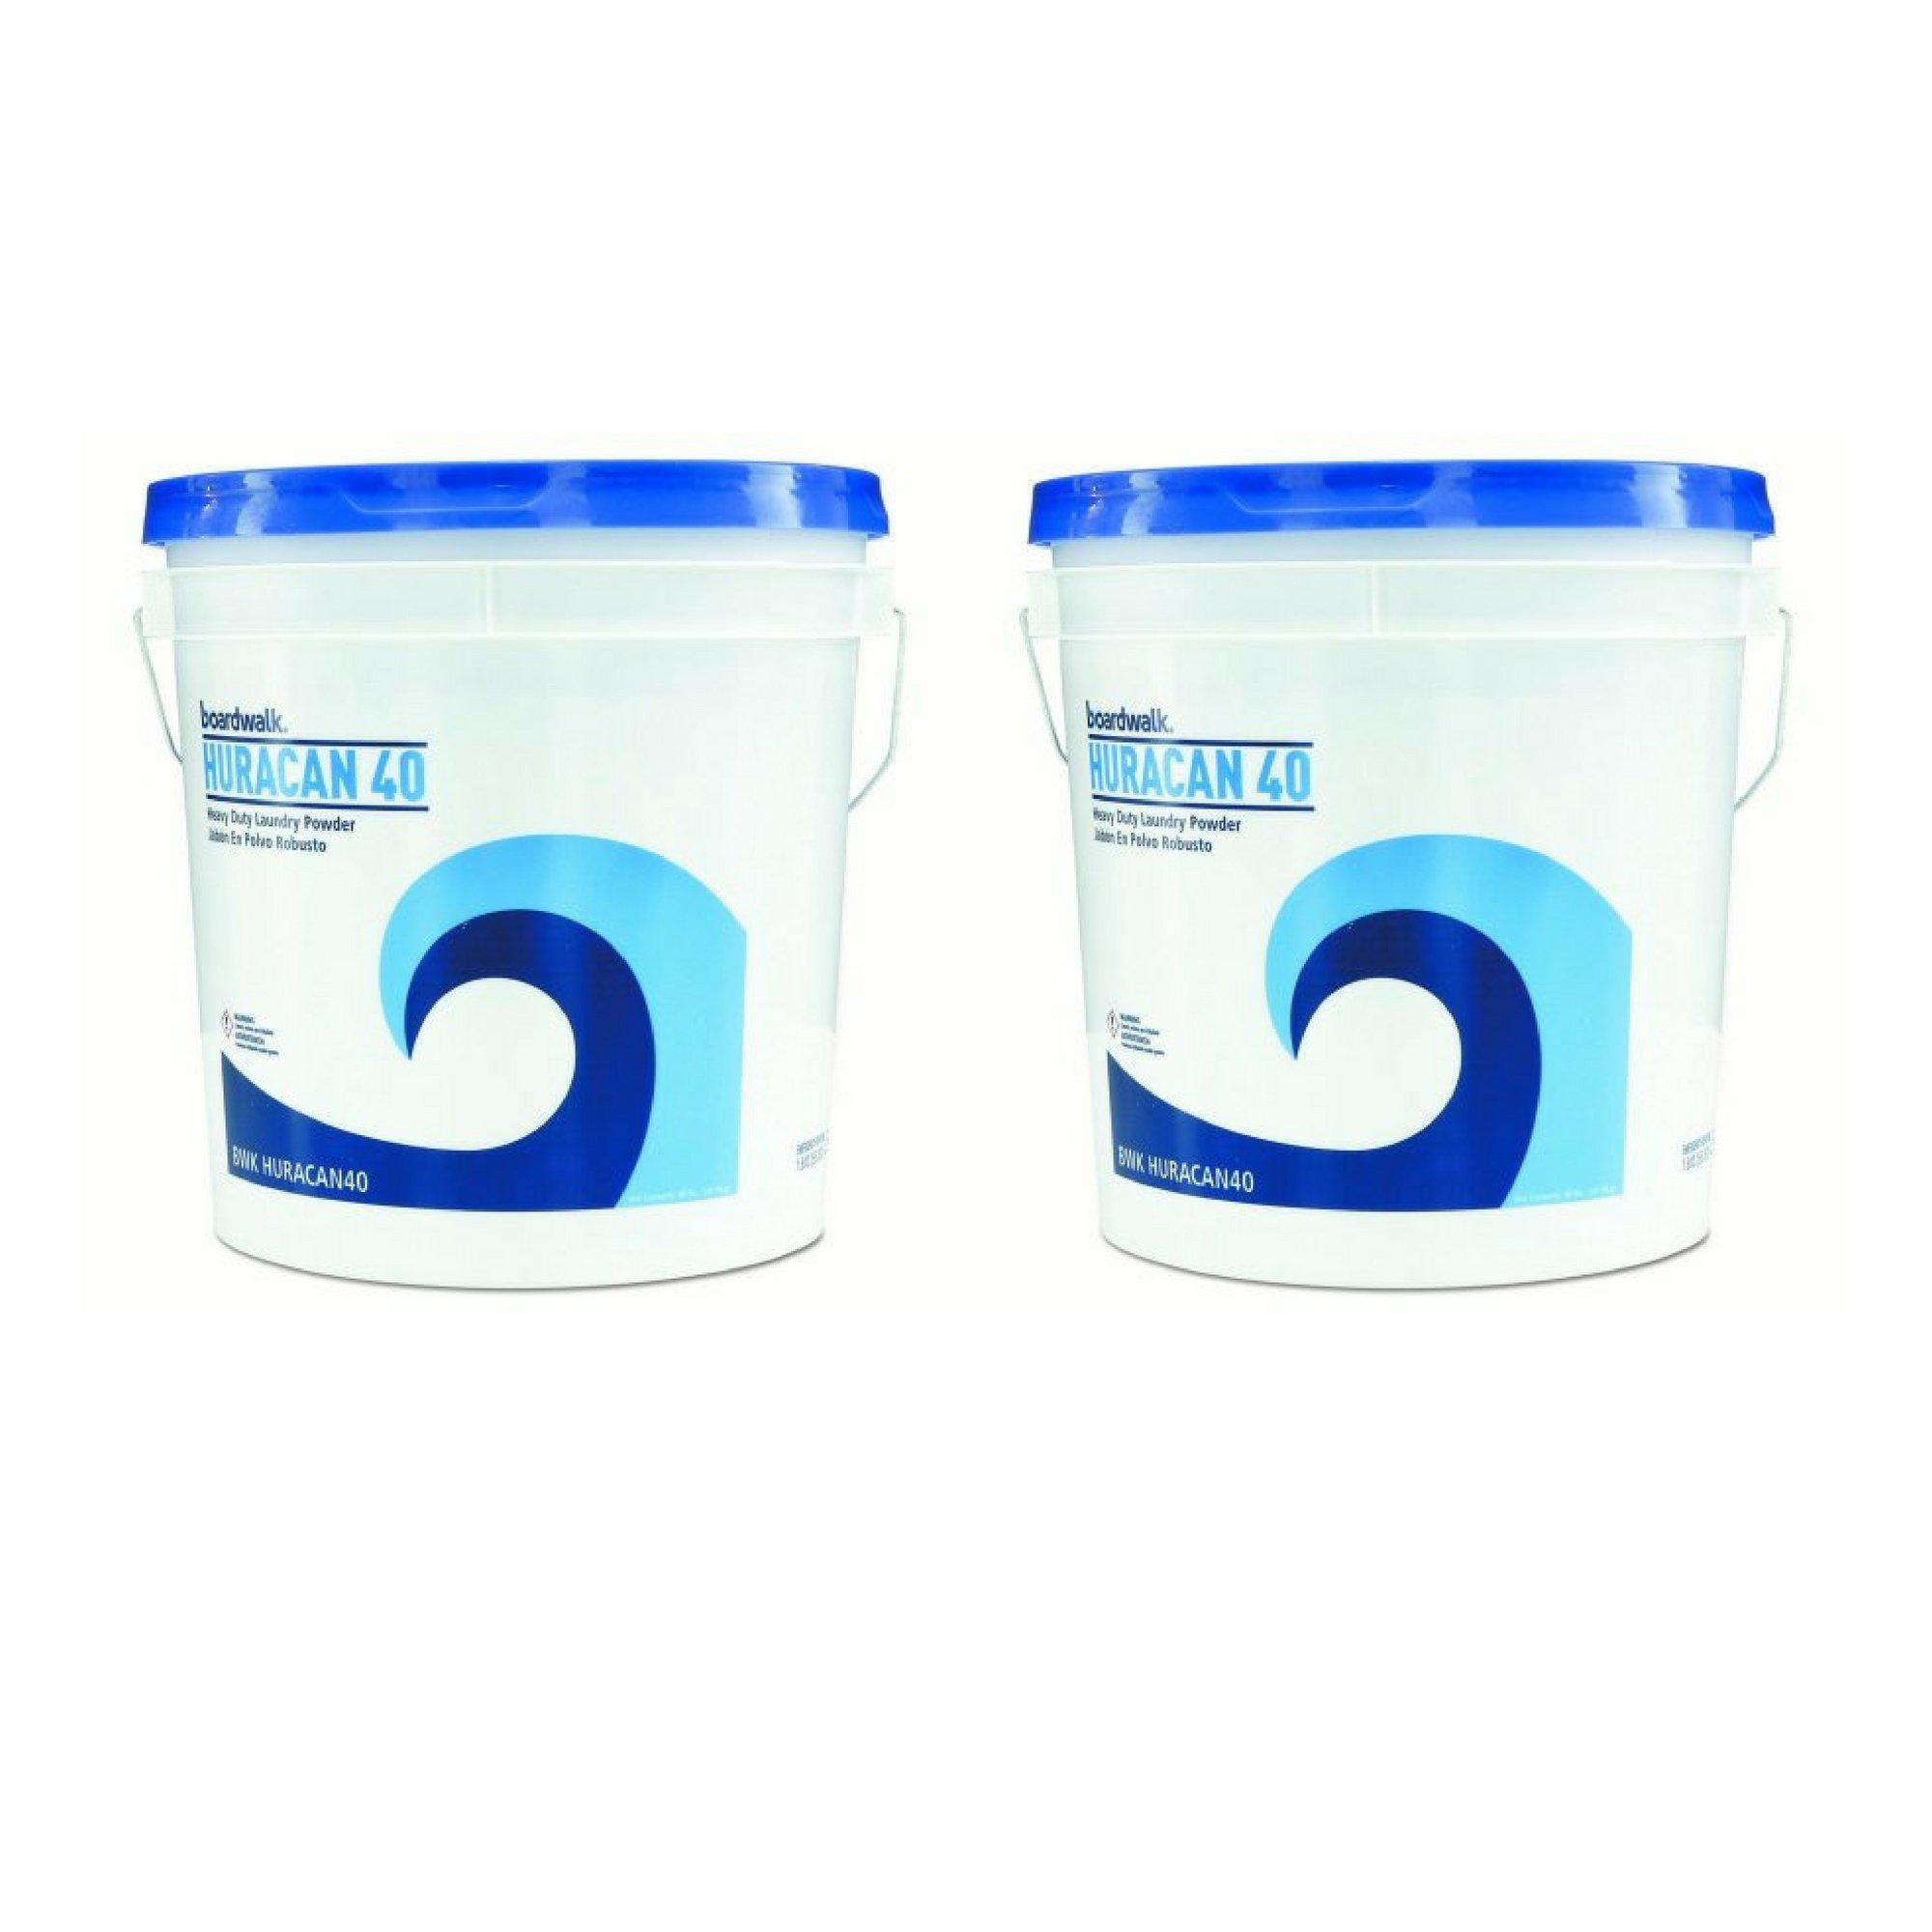 Boardwalk Low Suds Laundry Detergent, Economical, Powder, Fresh Lemon Scent, 40lb Pail - 2 Pack by Boardwalk